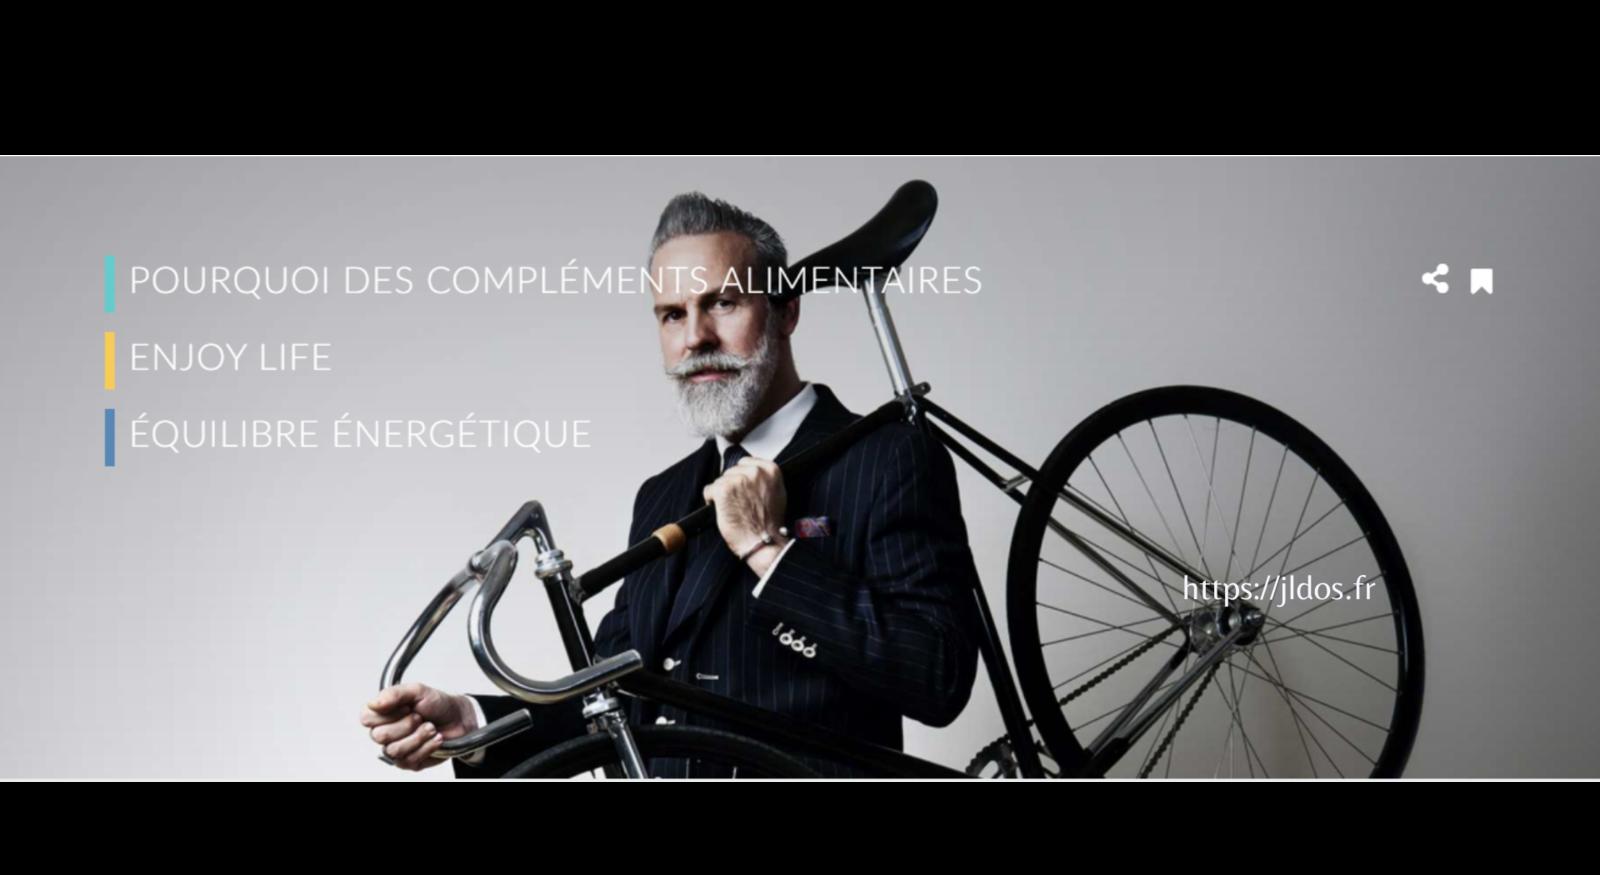 L'ANTI-VIEILLISSEMENT POUR LES HOMMES